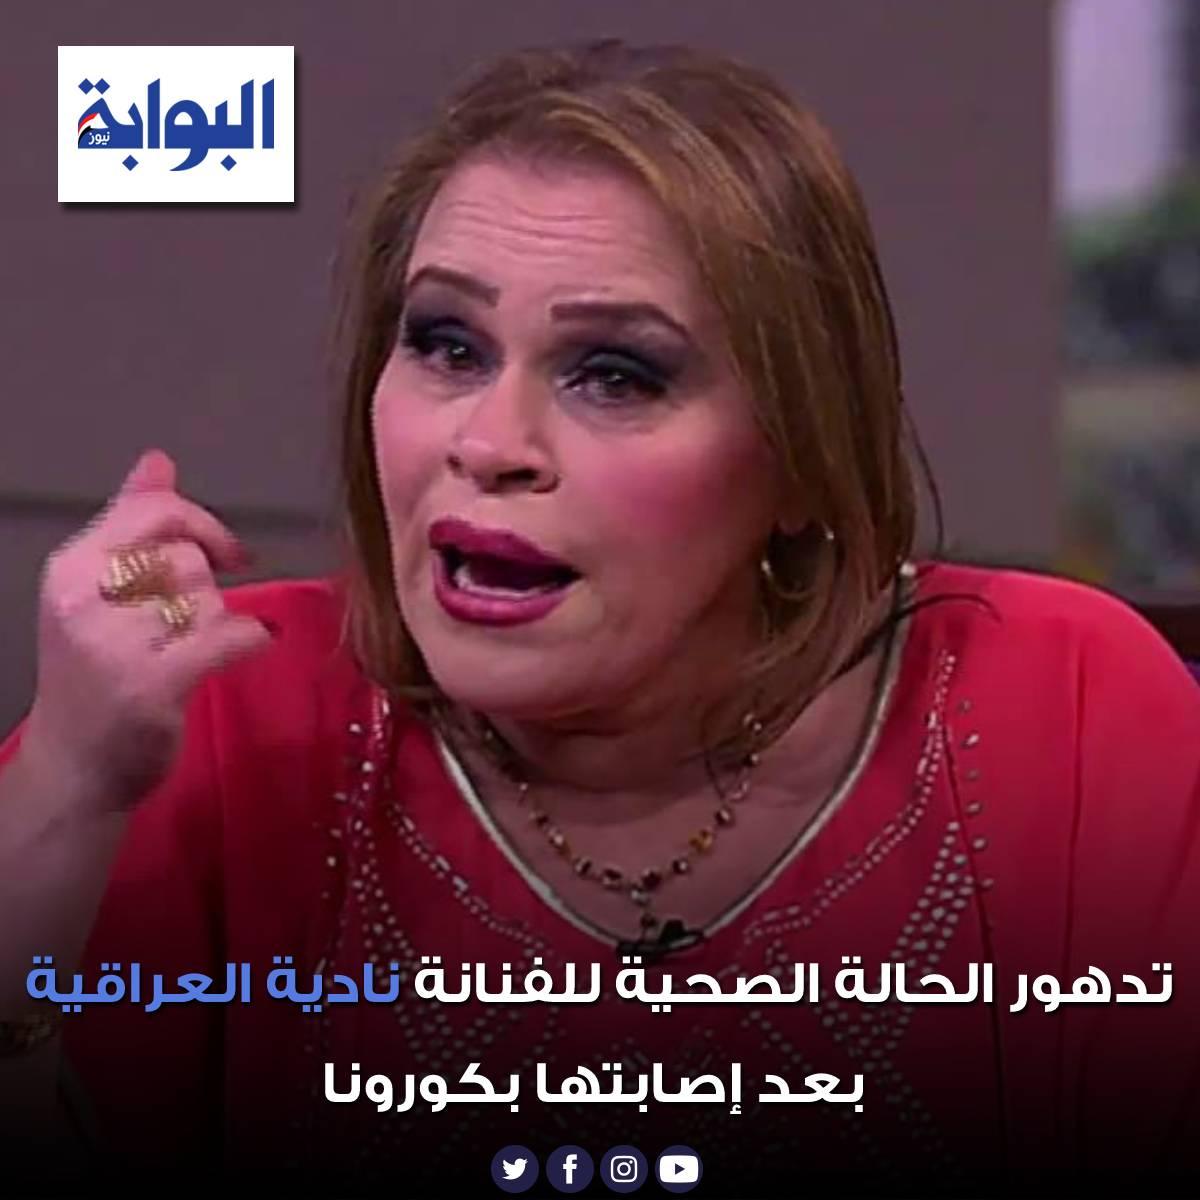 تدهور الحالة الصحية للفنانة نادية العراقية بعد إصابتها بكورونا للتفاصيل